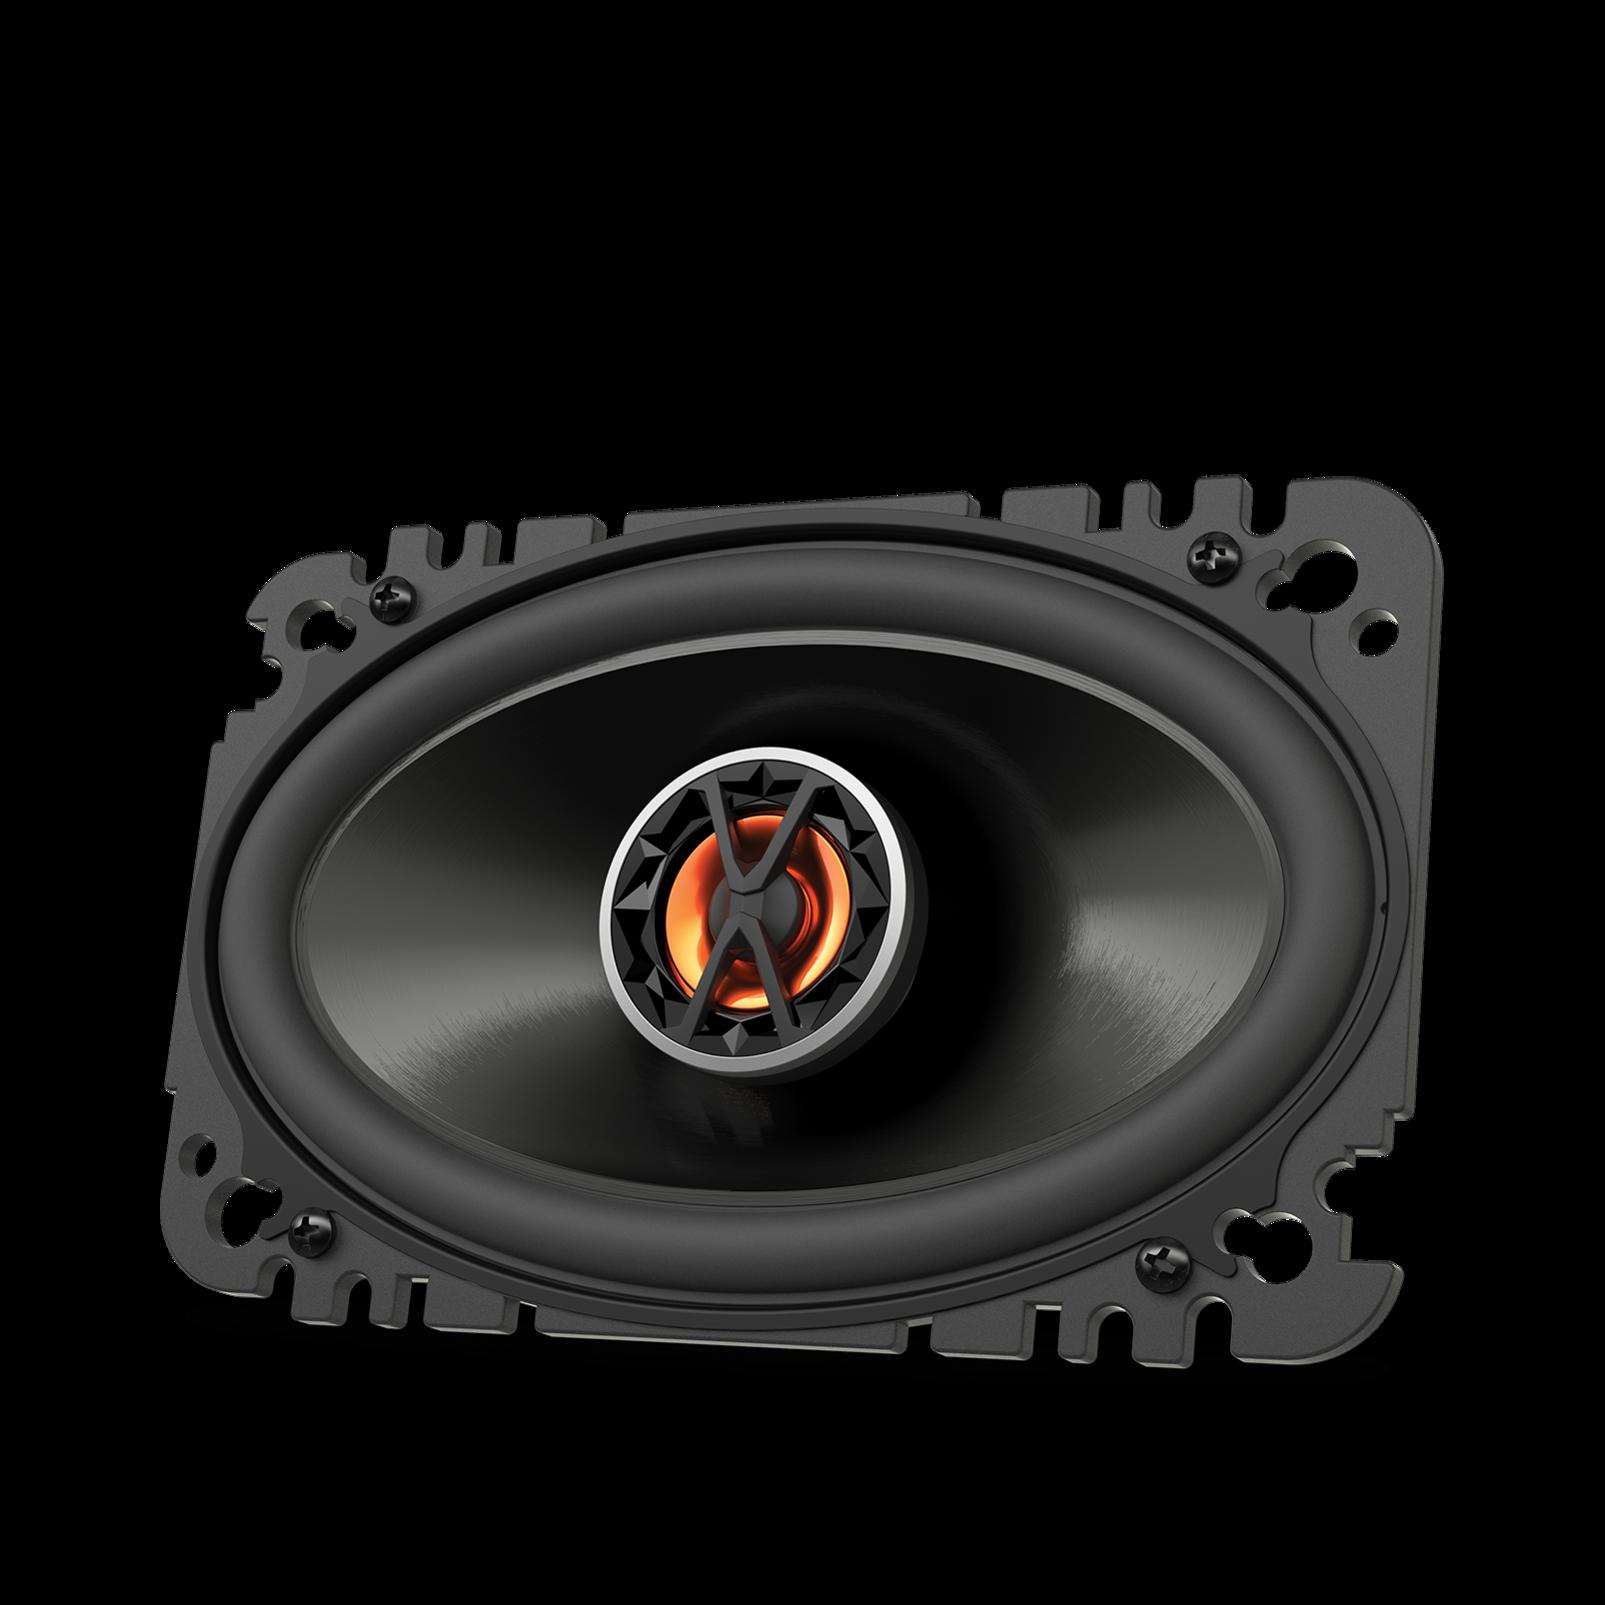 Club 6420 Custom Fit 2 Way Coaxial Speakers Speaker Wiring Diagram